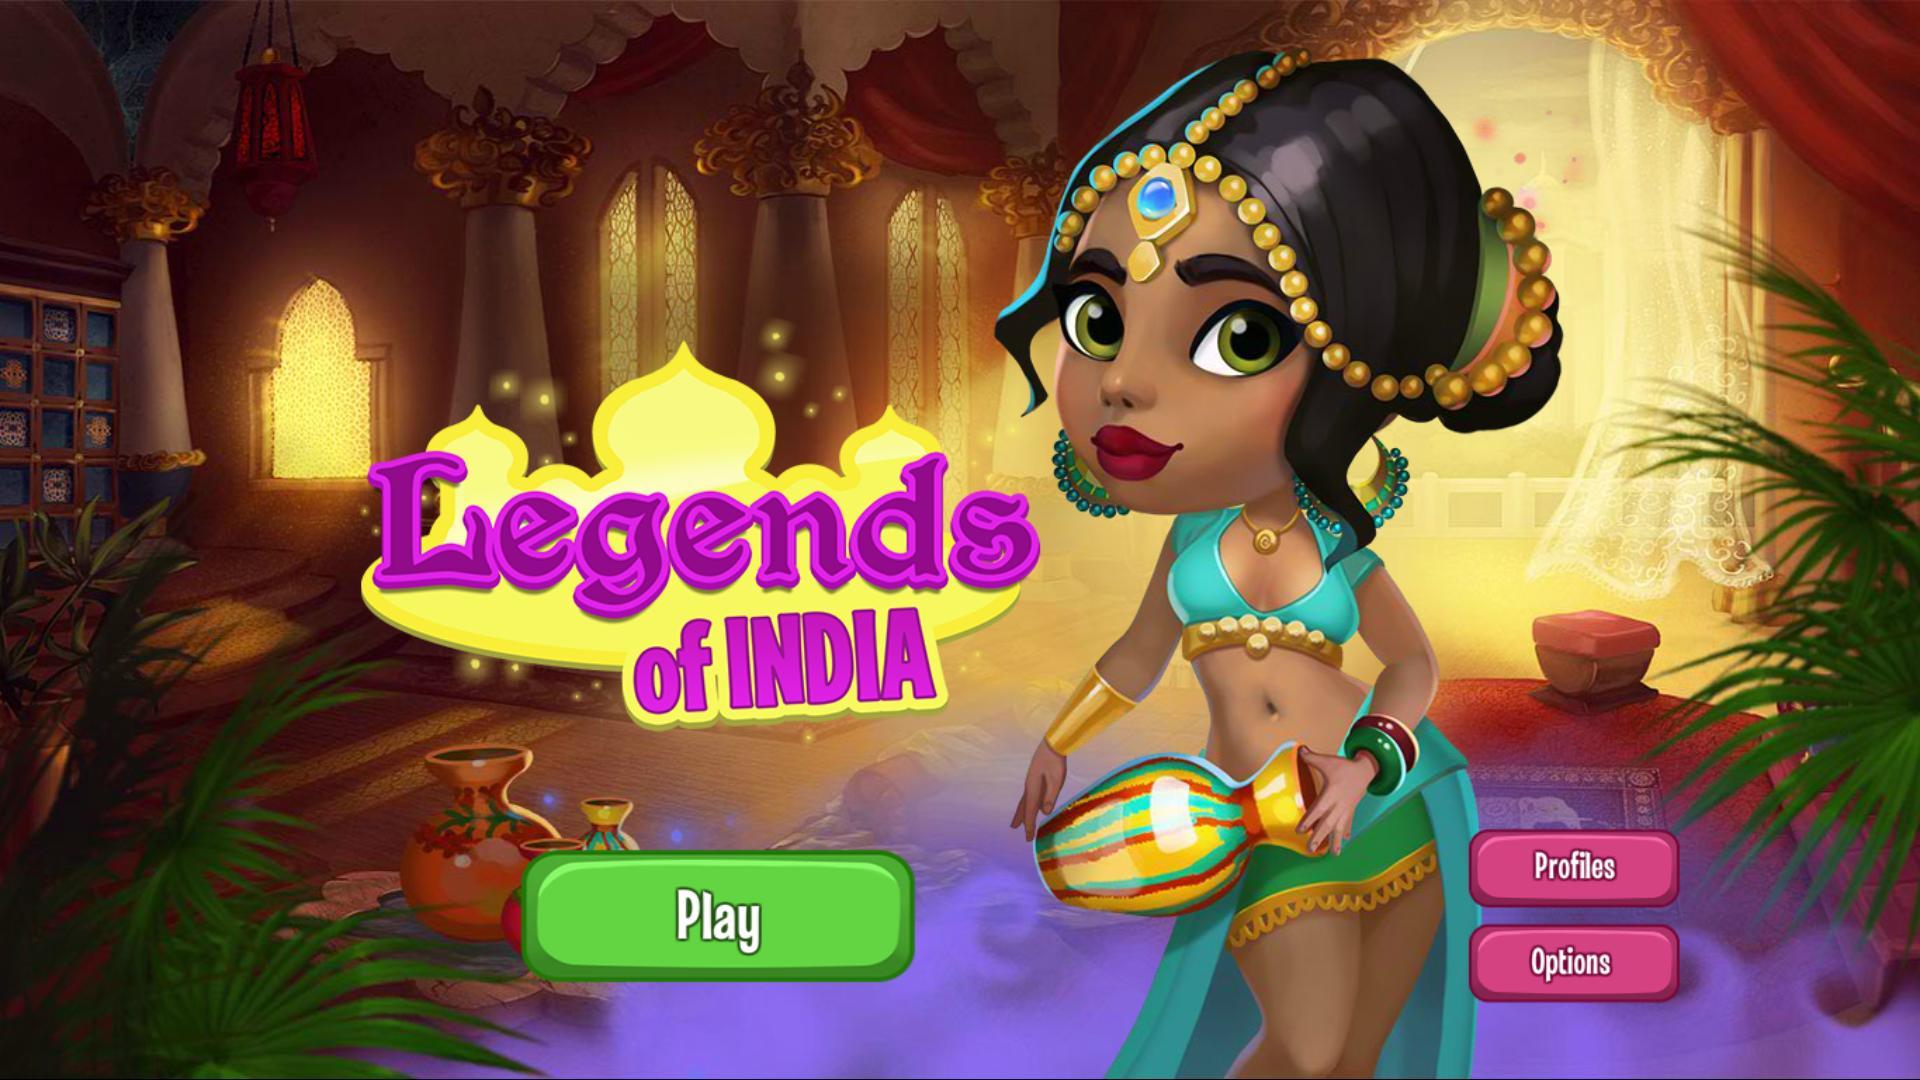 印度传说 游戏截图